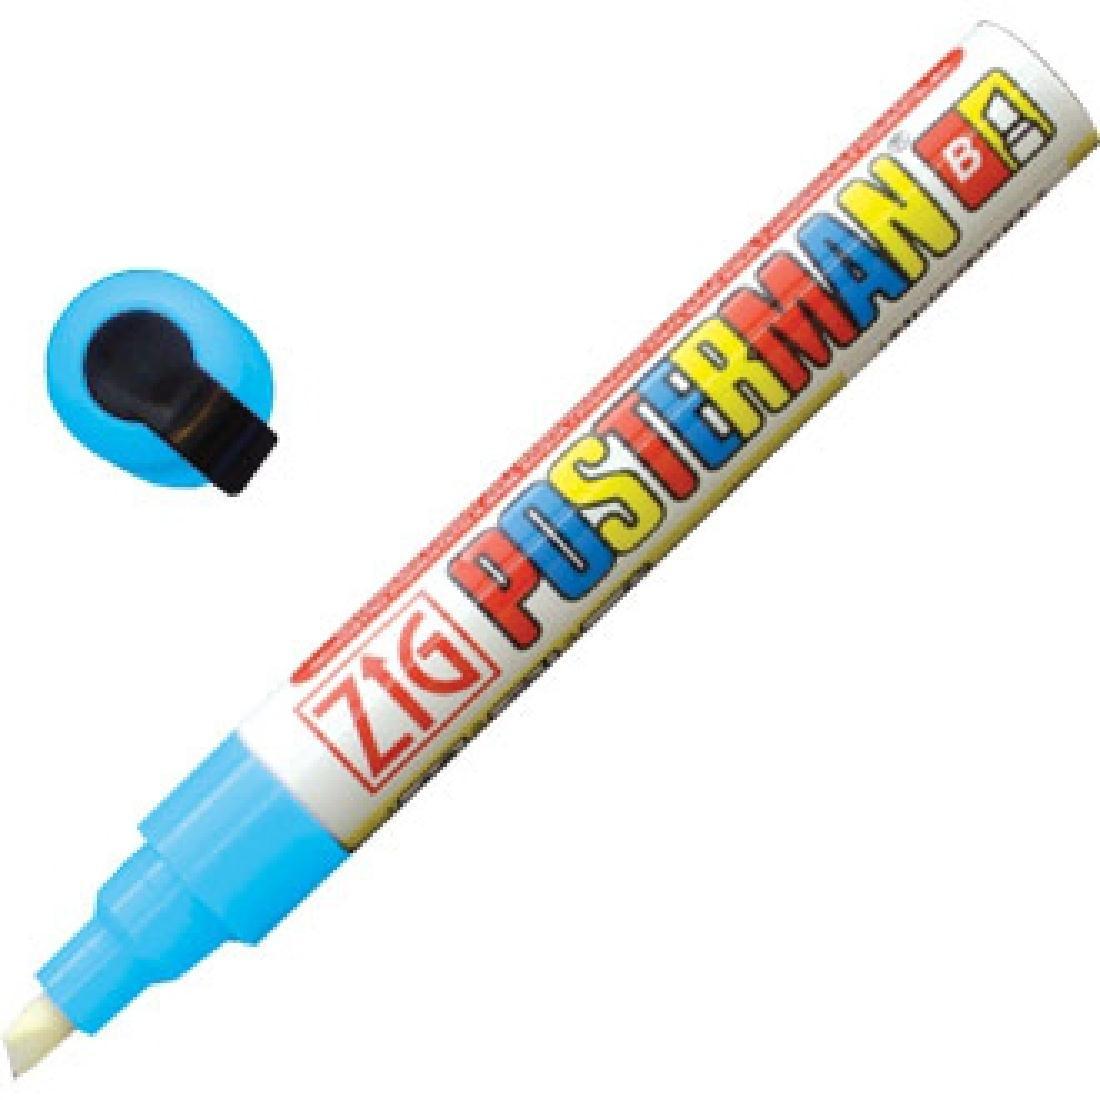 Marqueur craie tous temps Securit Zig Posterman 6mm bleu clair